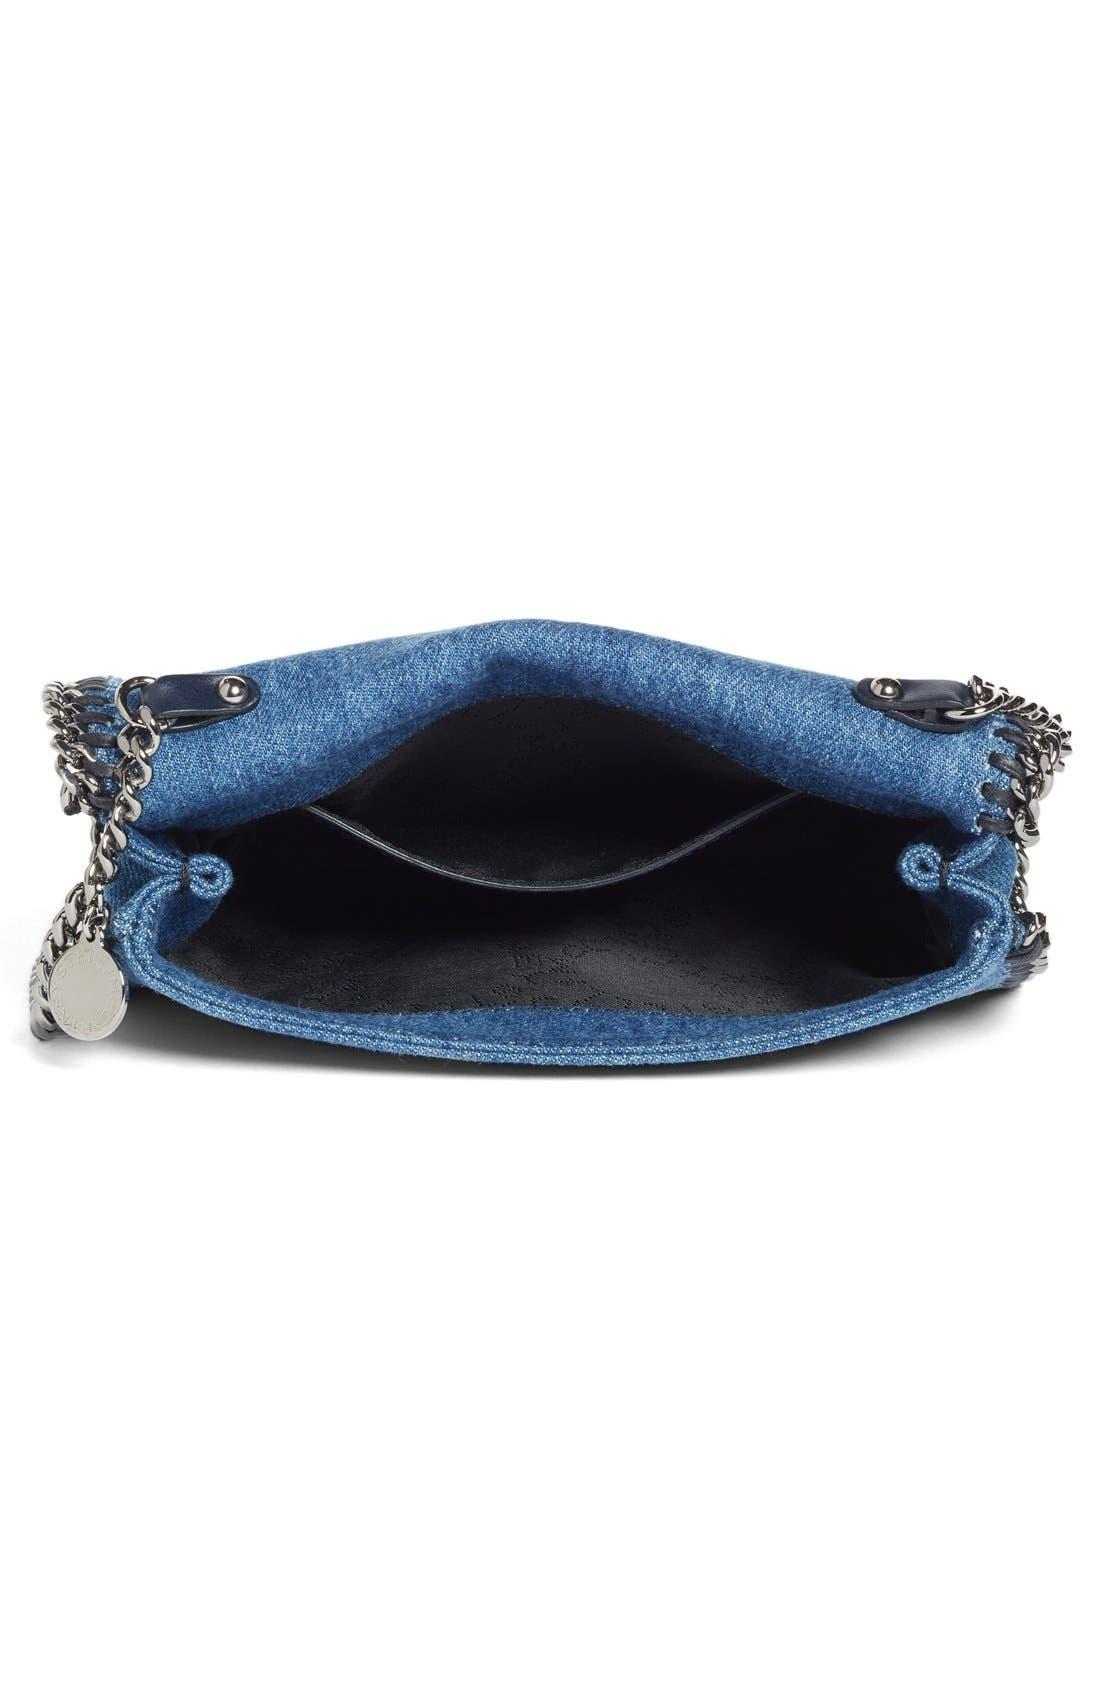 Alternate Image 3  - Stella McCartney Embroidered Denim Shoulder Bag